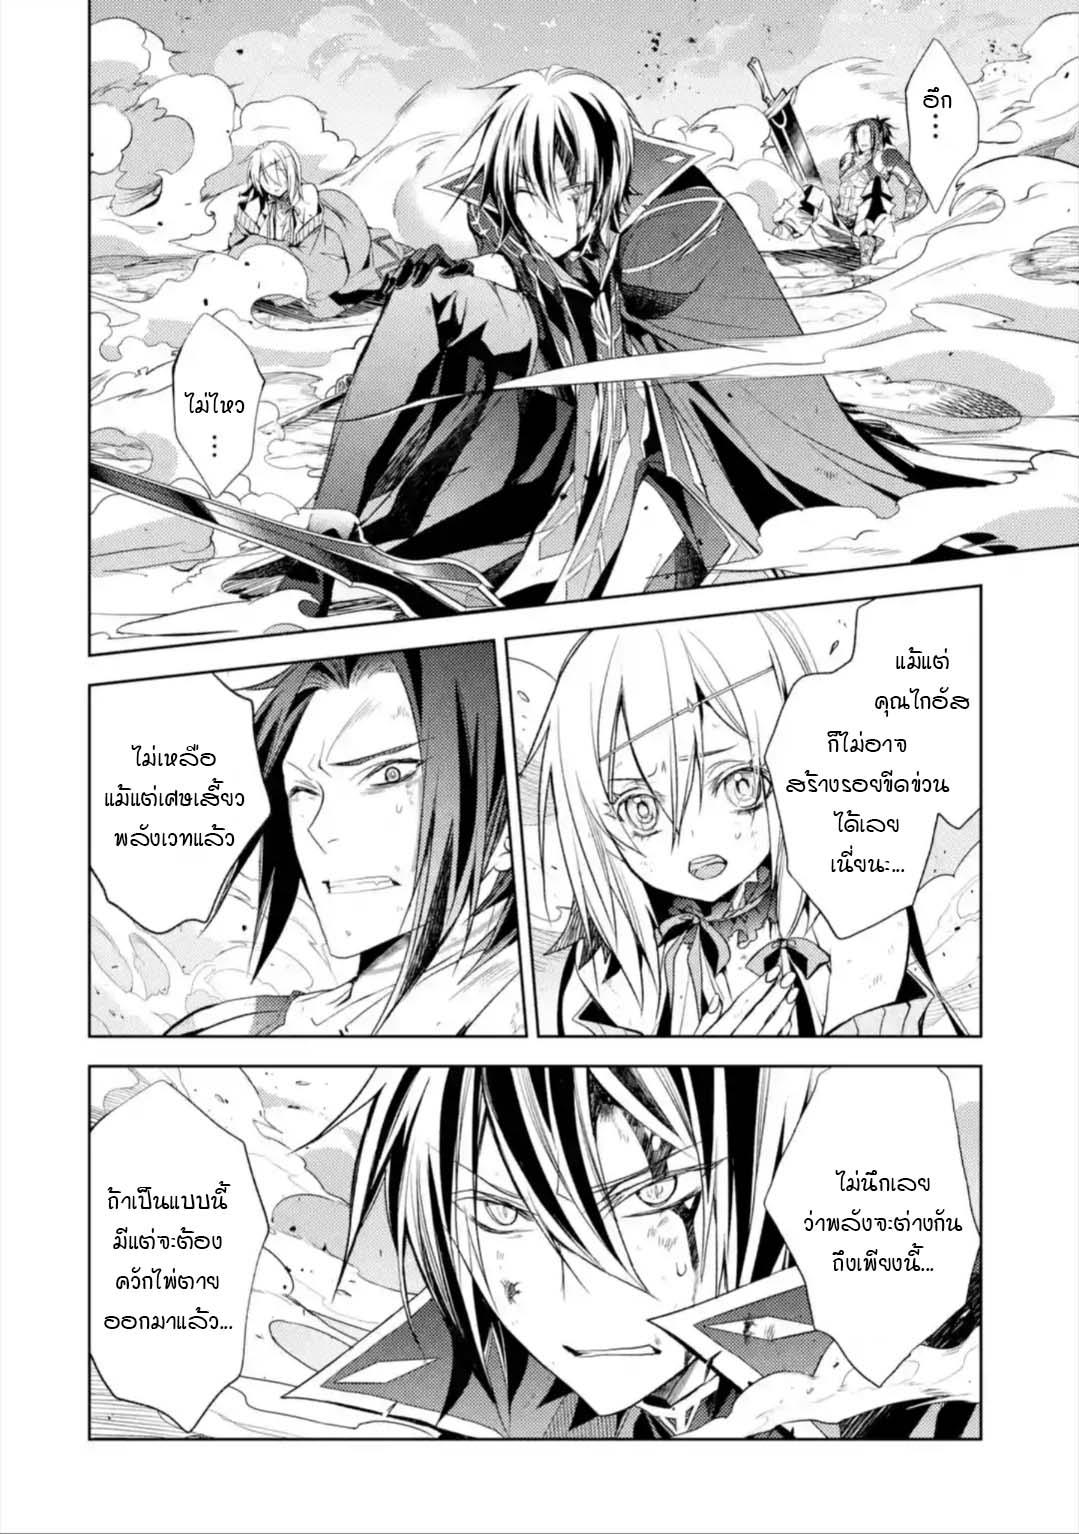 อ่านการ์ตูน Senmetsumadou no Saikyokenja ตอนที่ 8.1 หน้าที่ 2